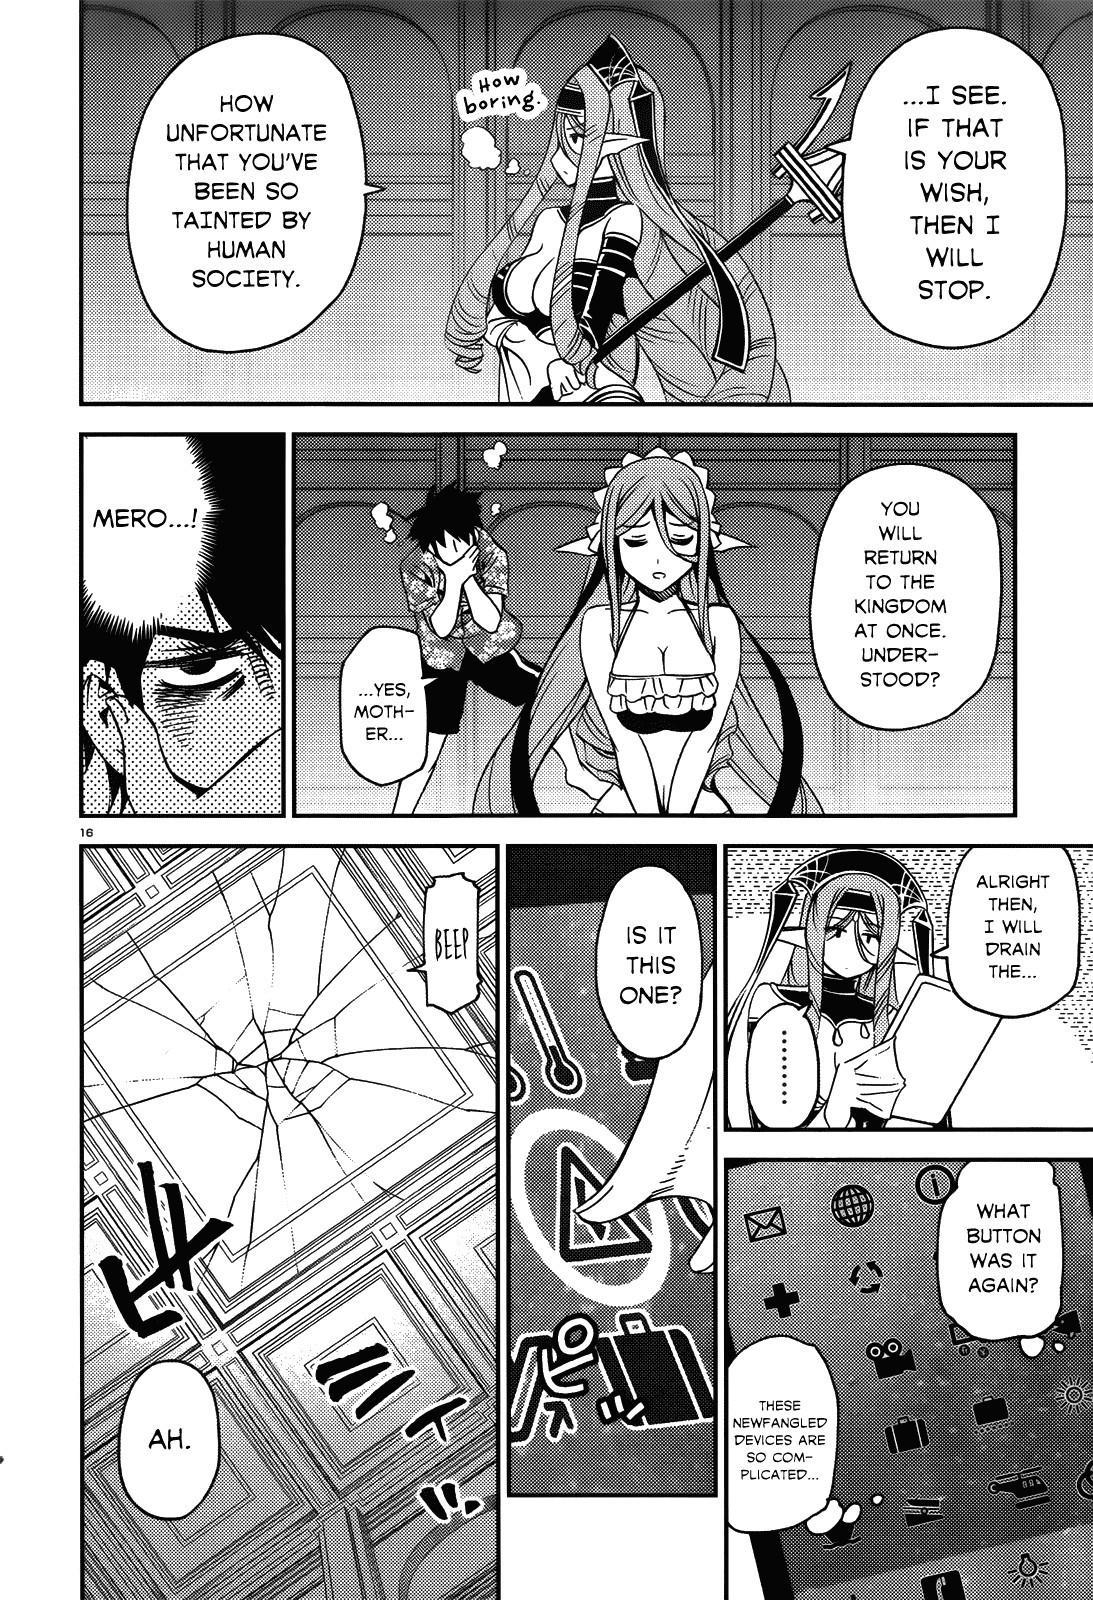 Monster Musume no Iru Nichijou 37 - Read Monster Musume no ...